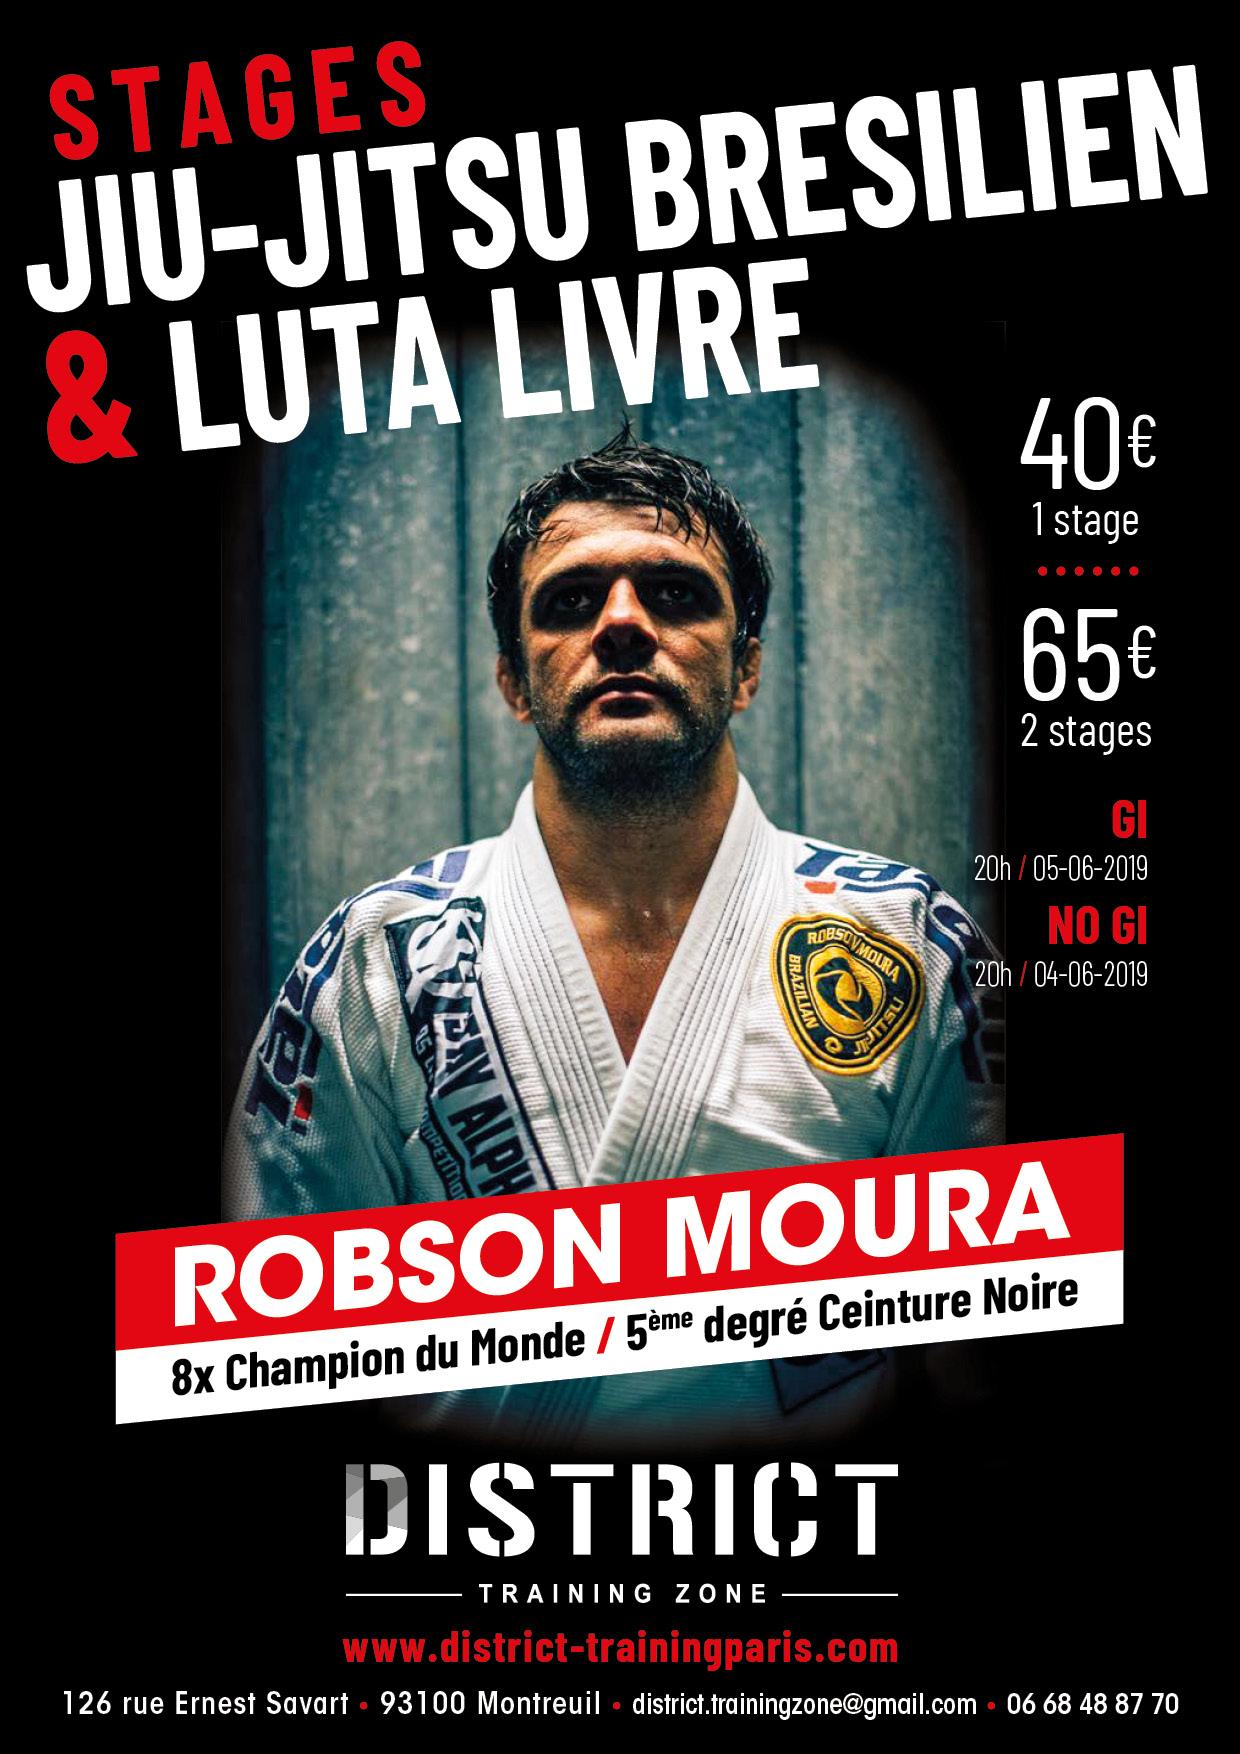 Stage Robson Moura GI & NOGI